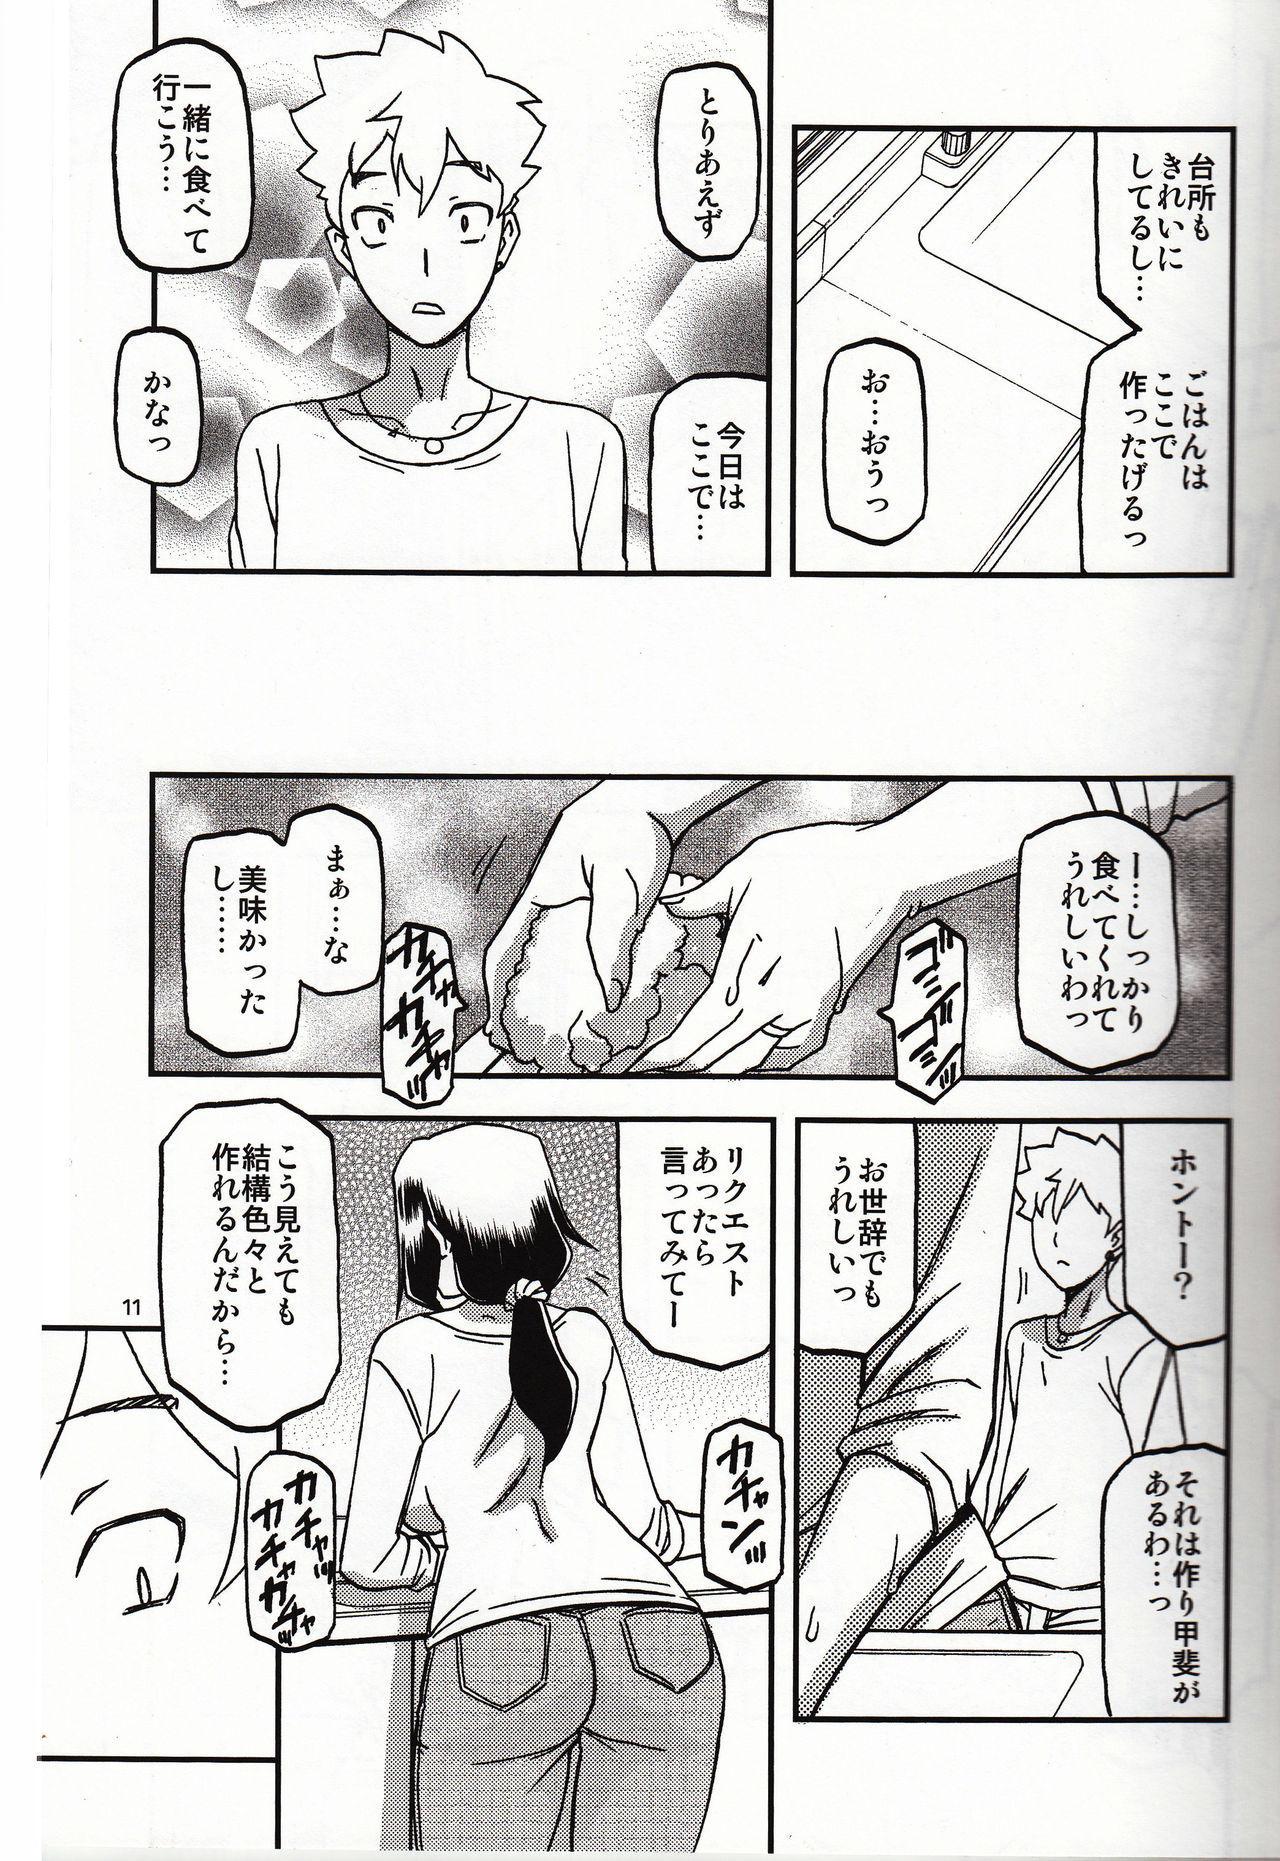 Akebi no Mi - Chizuru katei 9